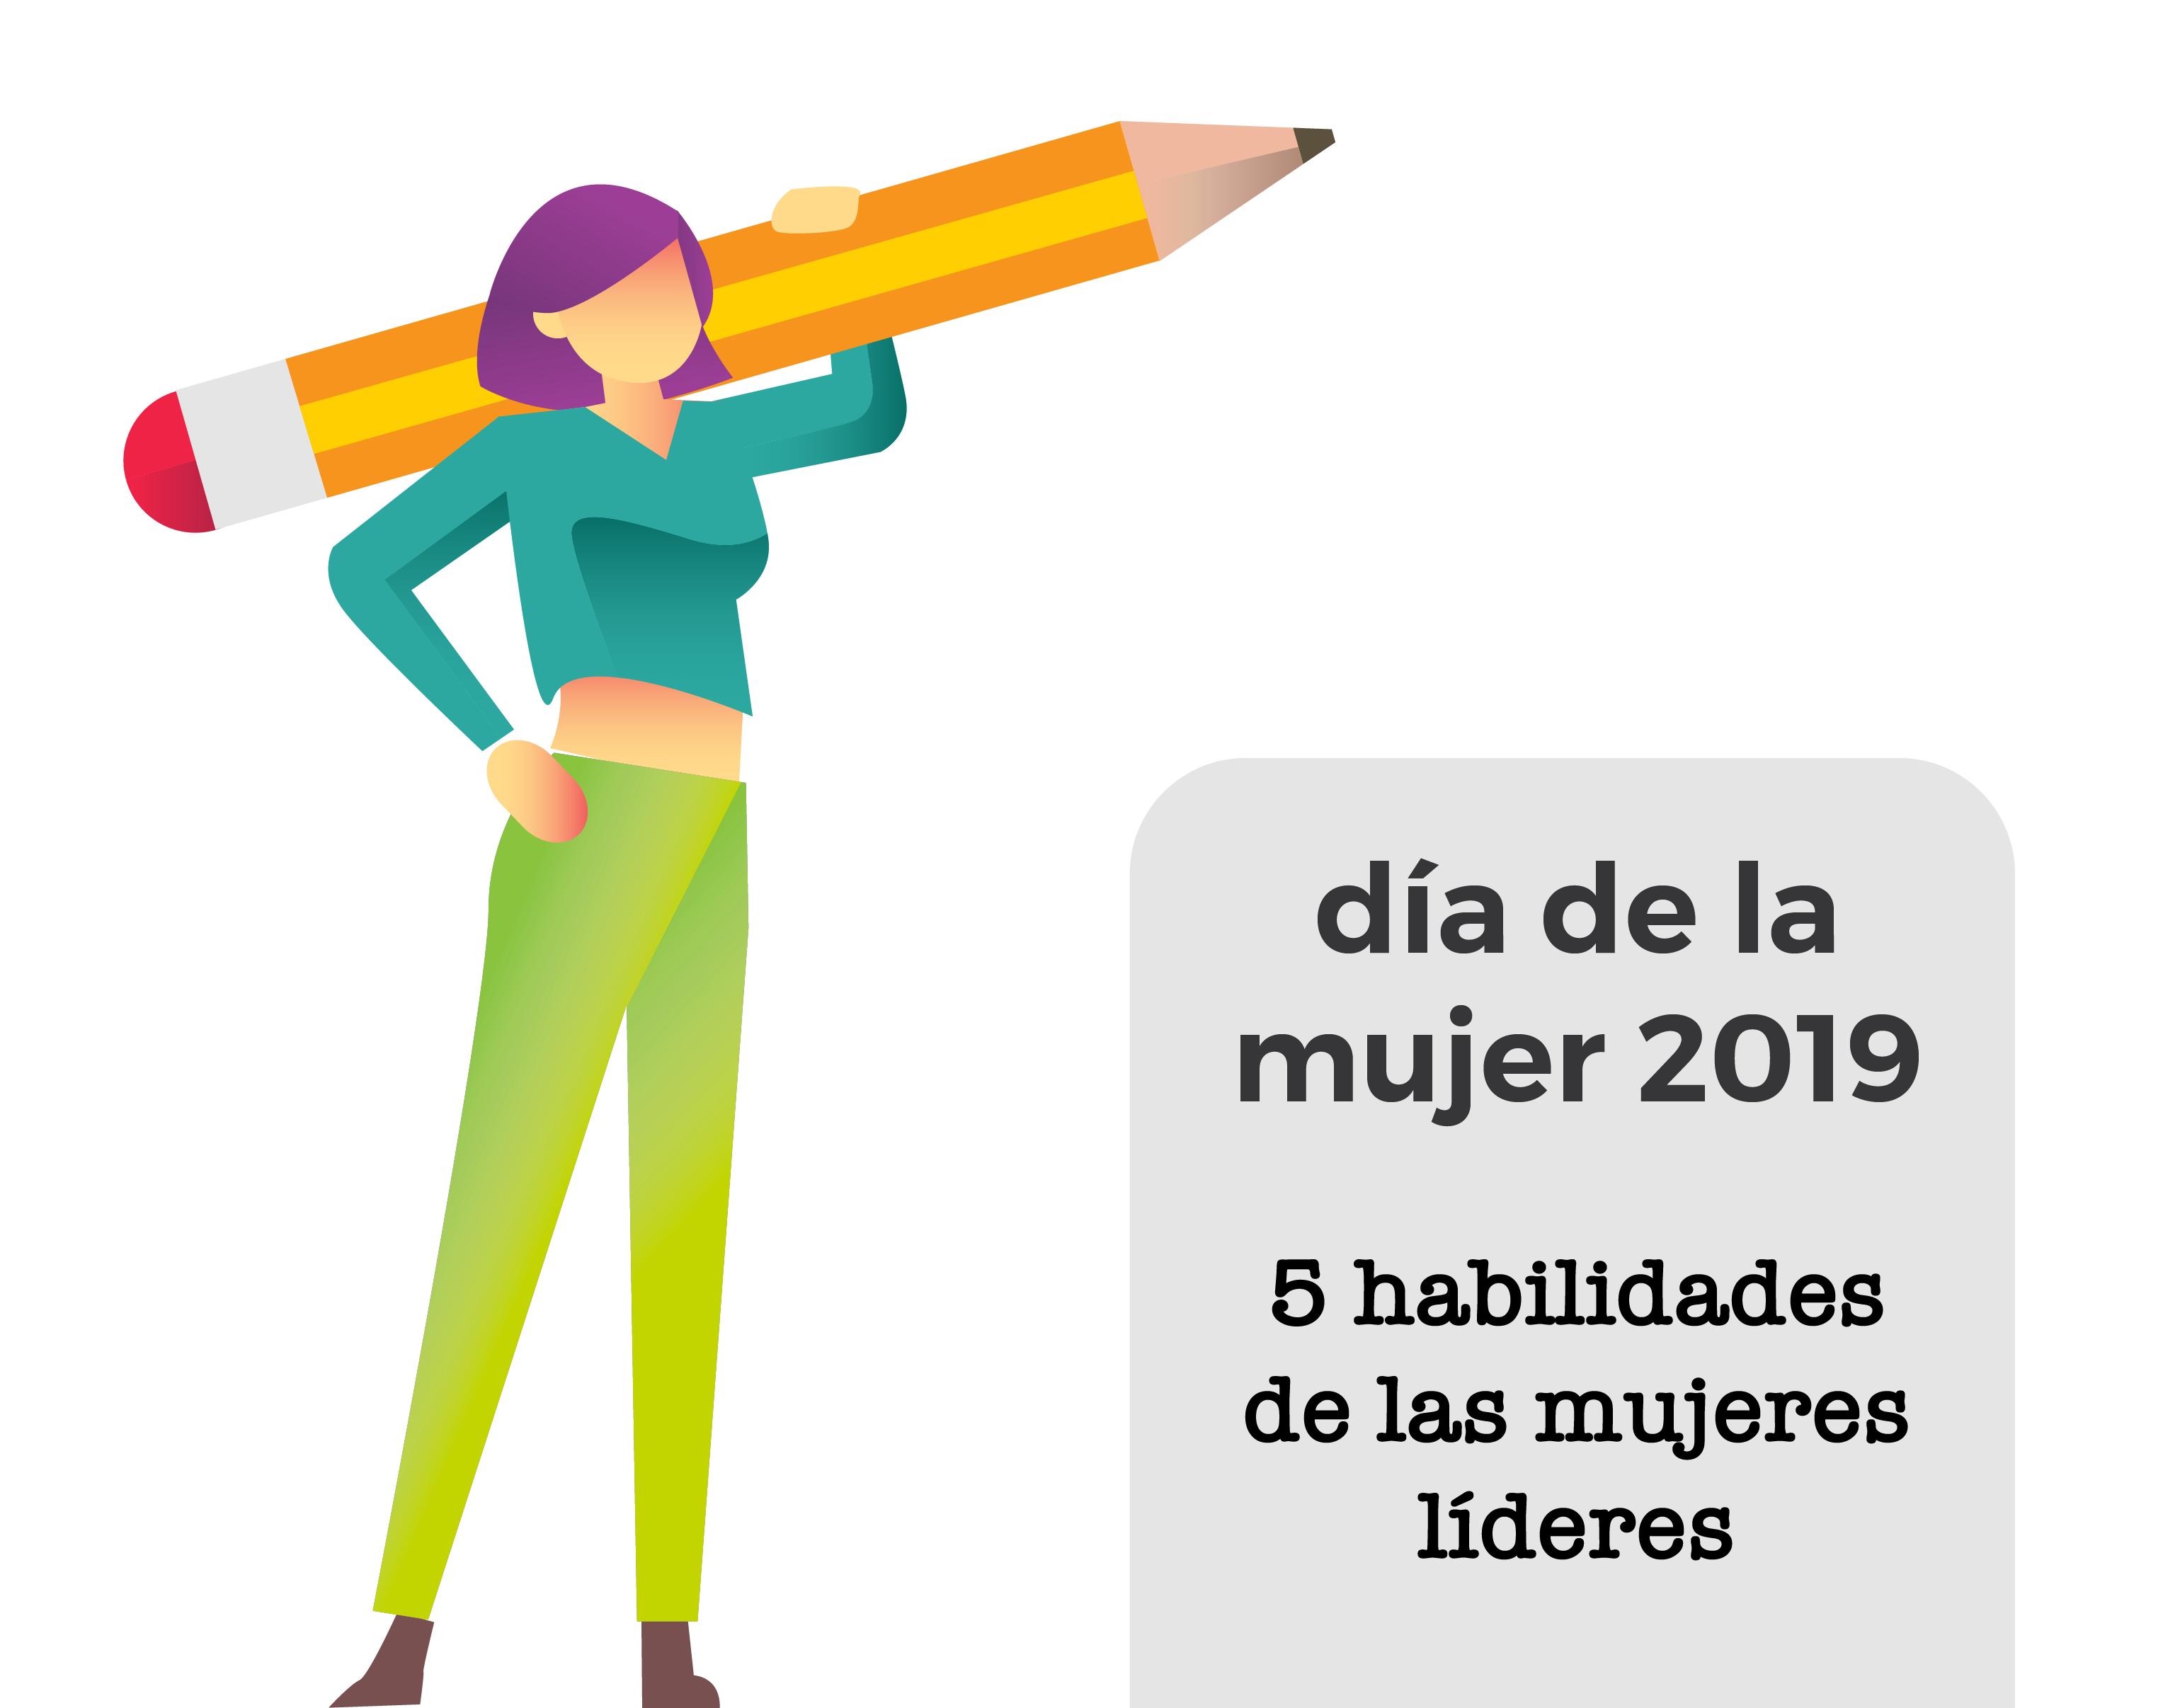 Día de la mujer: 5 habilidades de las mujeres líderes